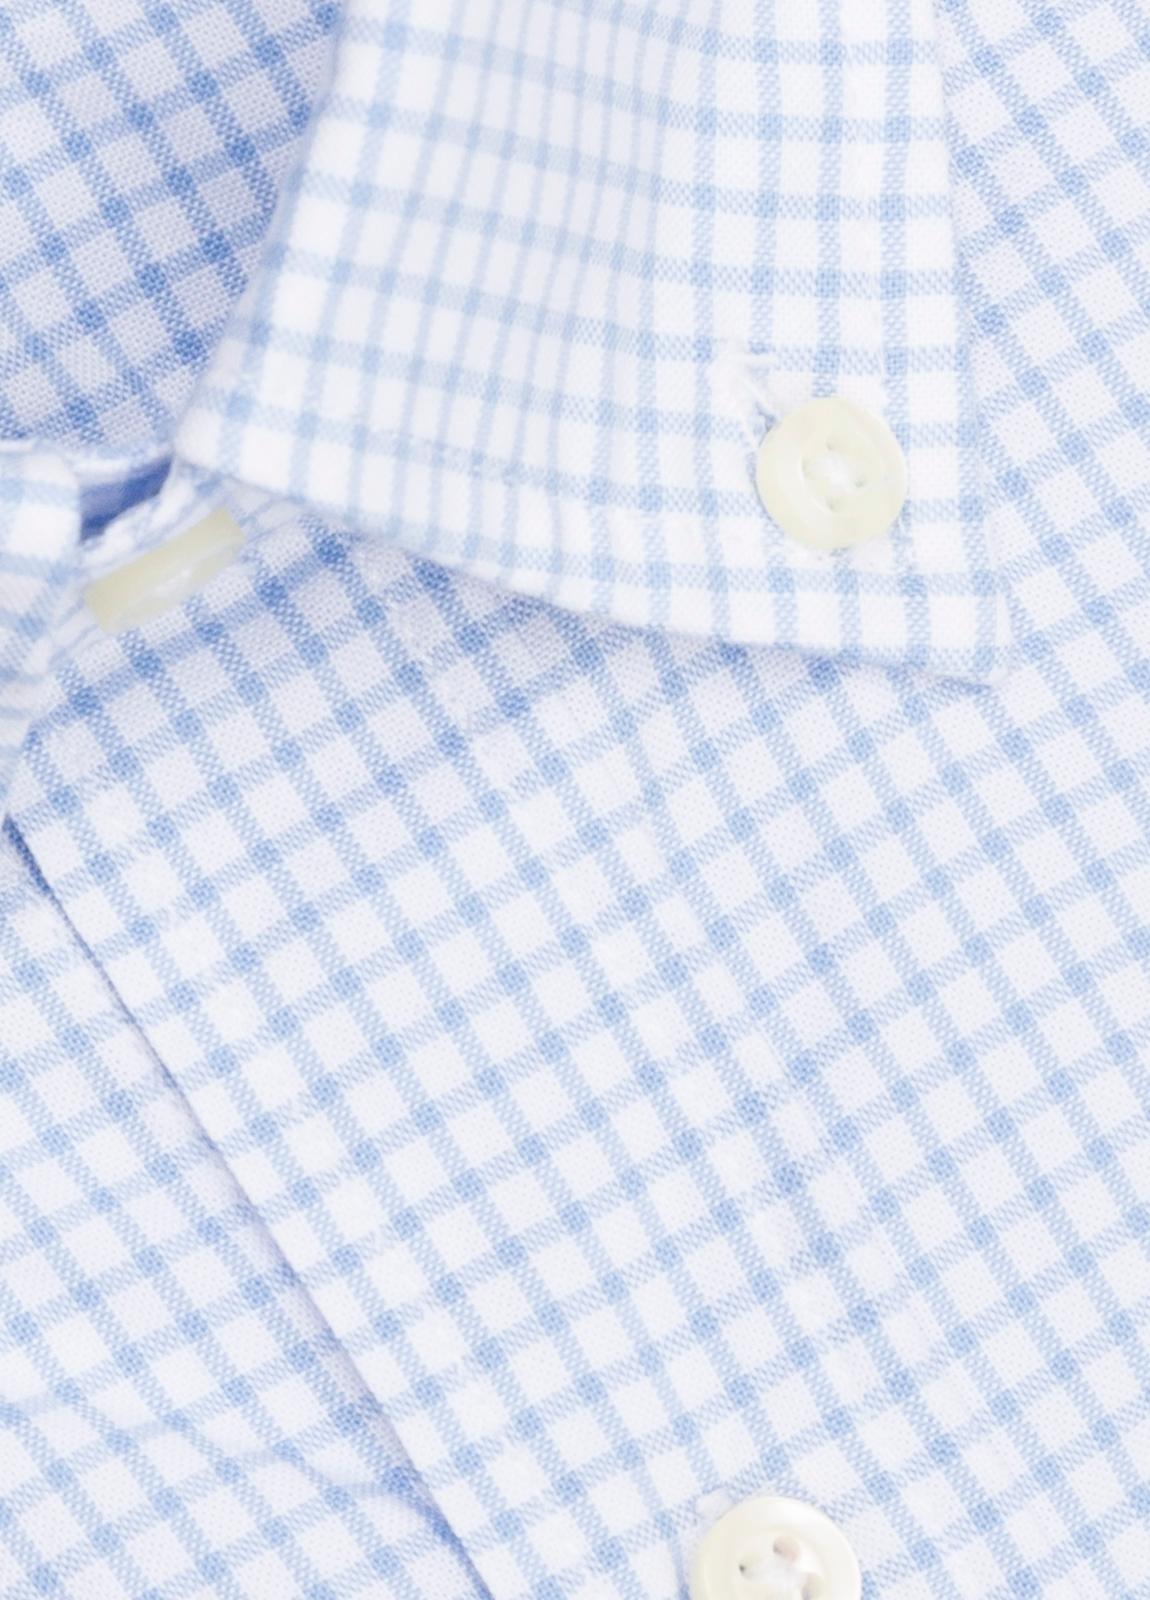 Camisa M/Corta sport FUREST COLECCIÓN Regular FIT cuadros celeste - Ítem1